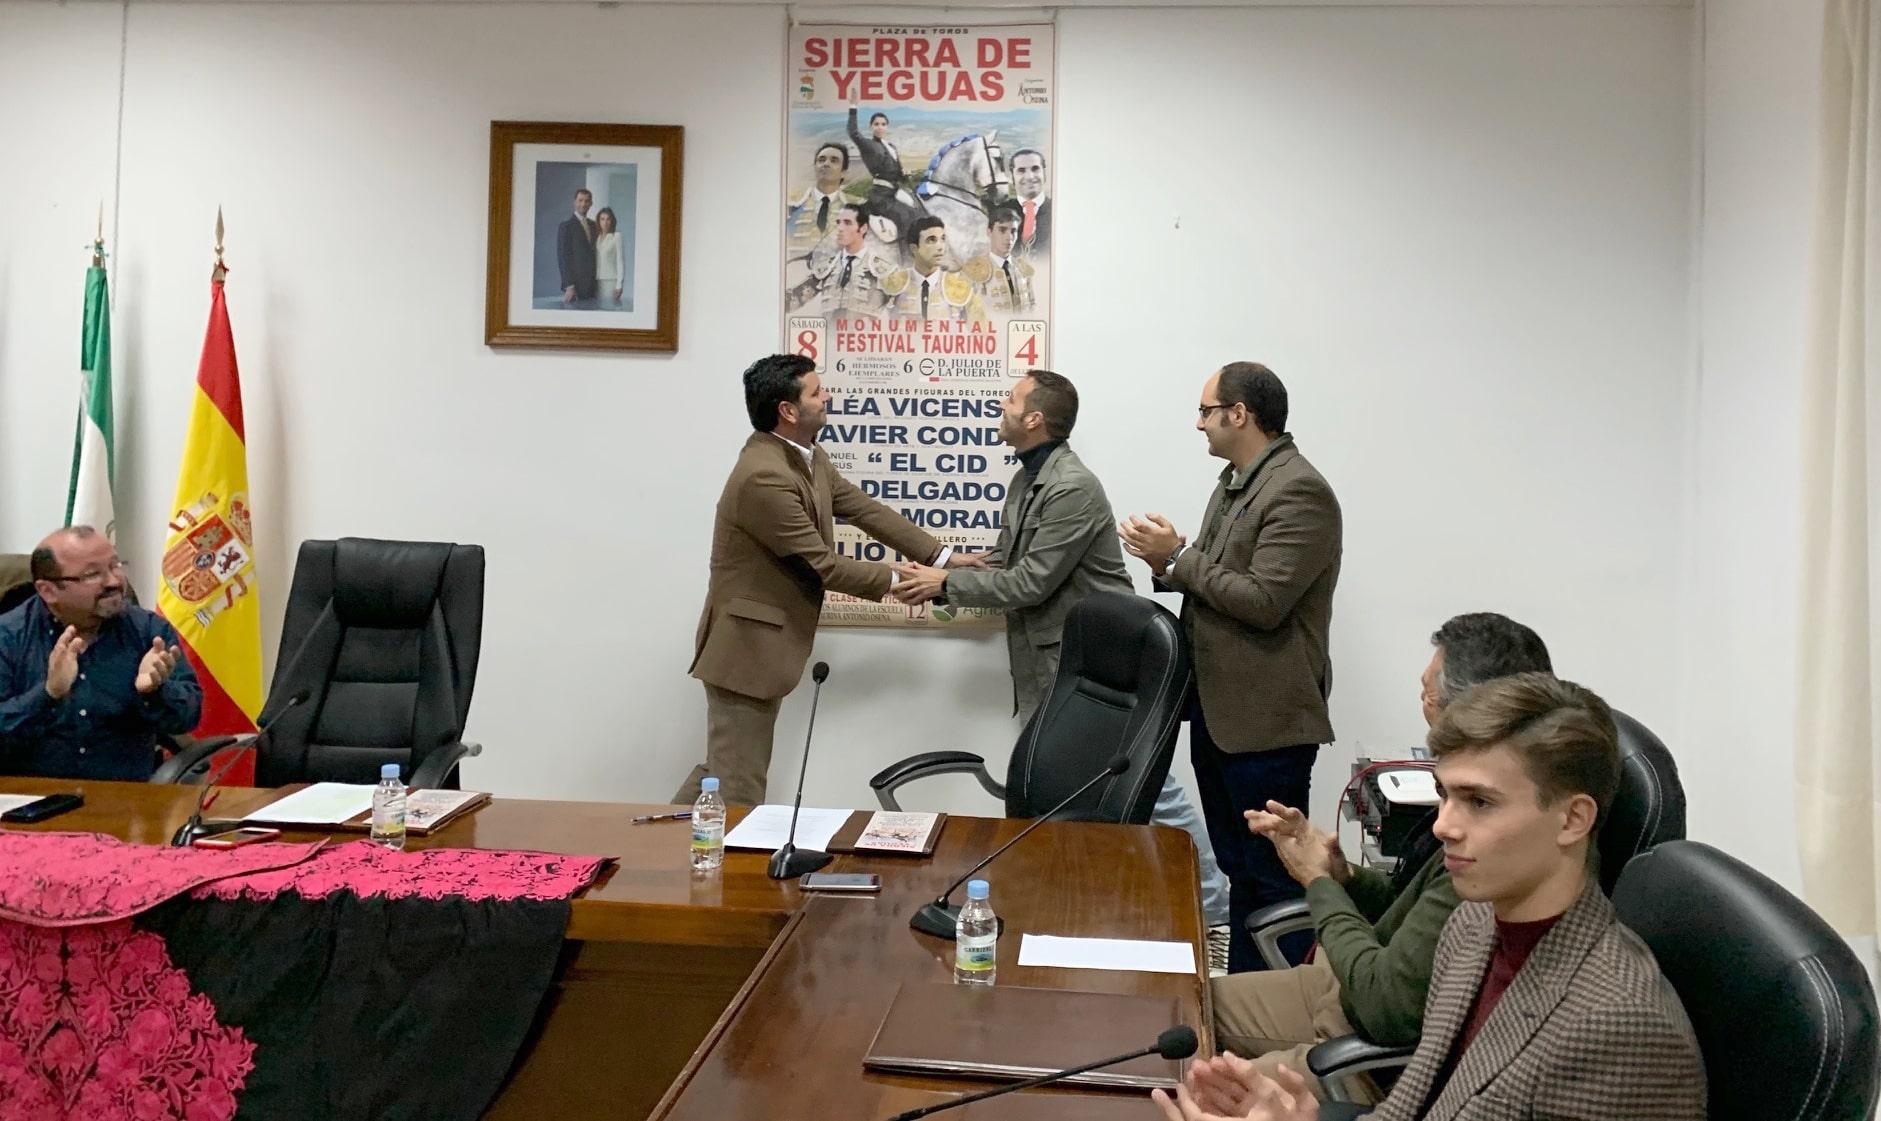 La primera corrida de toros de 2020 en España se celebrará en Sierra de Yeguas